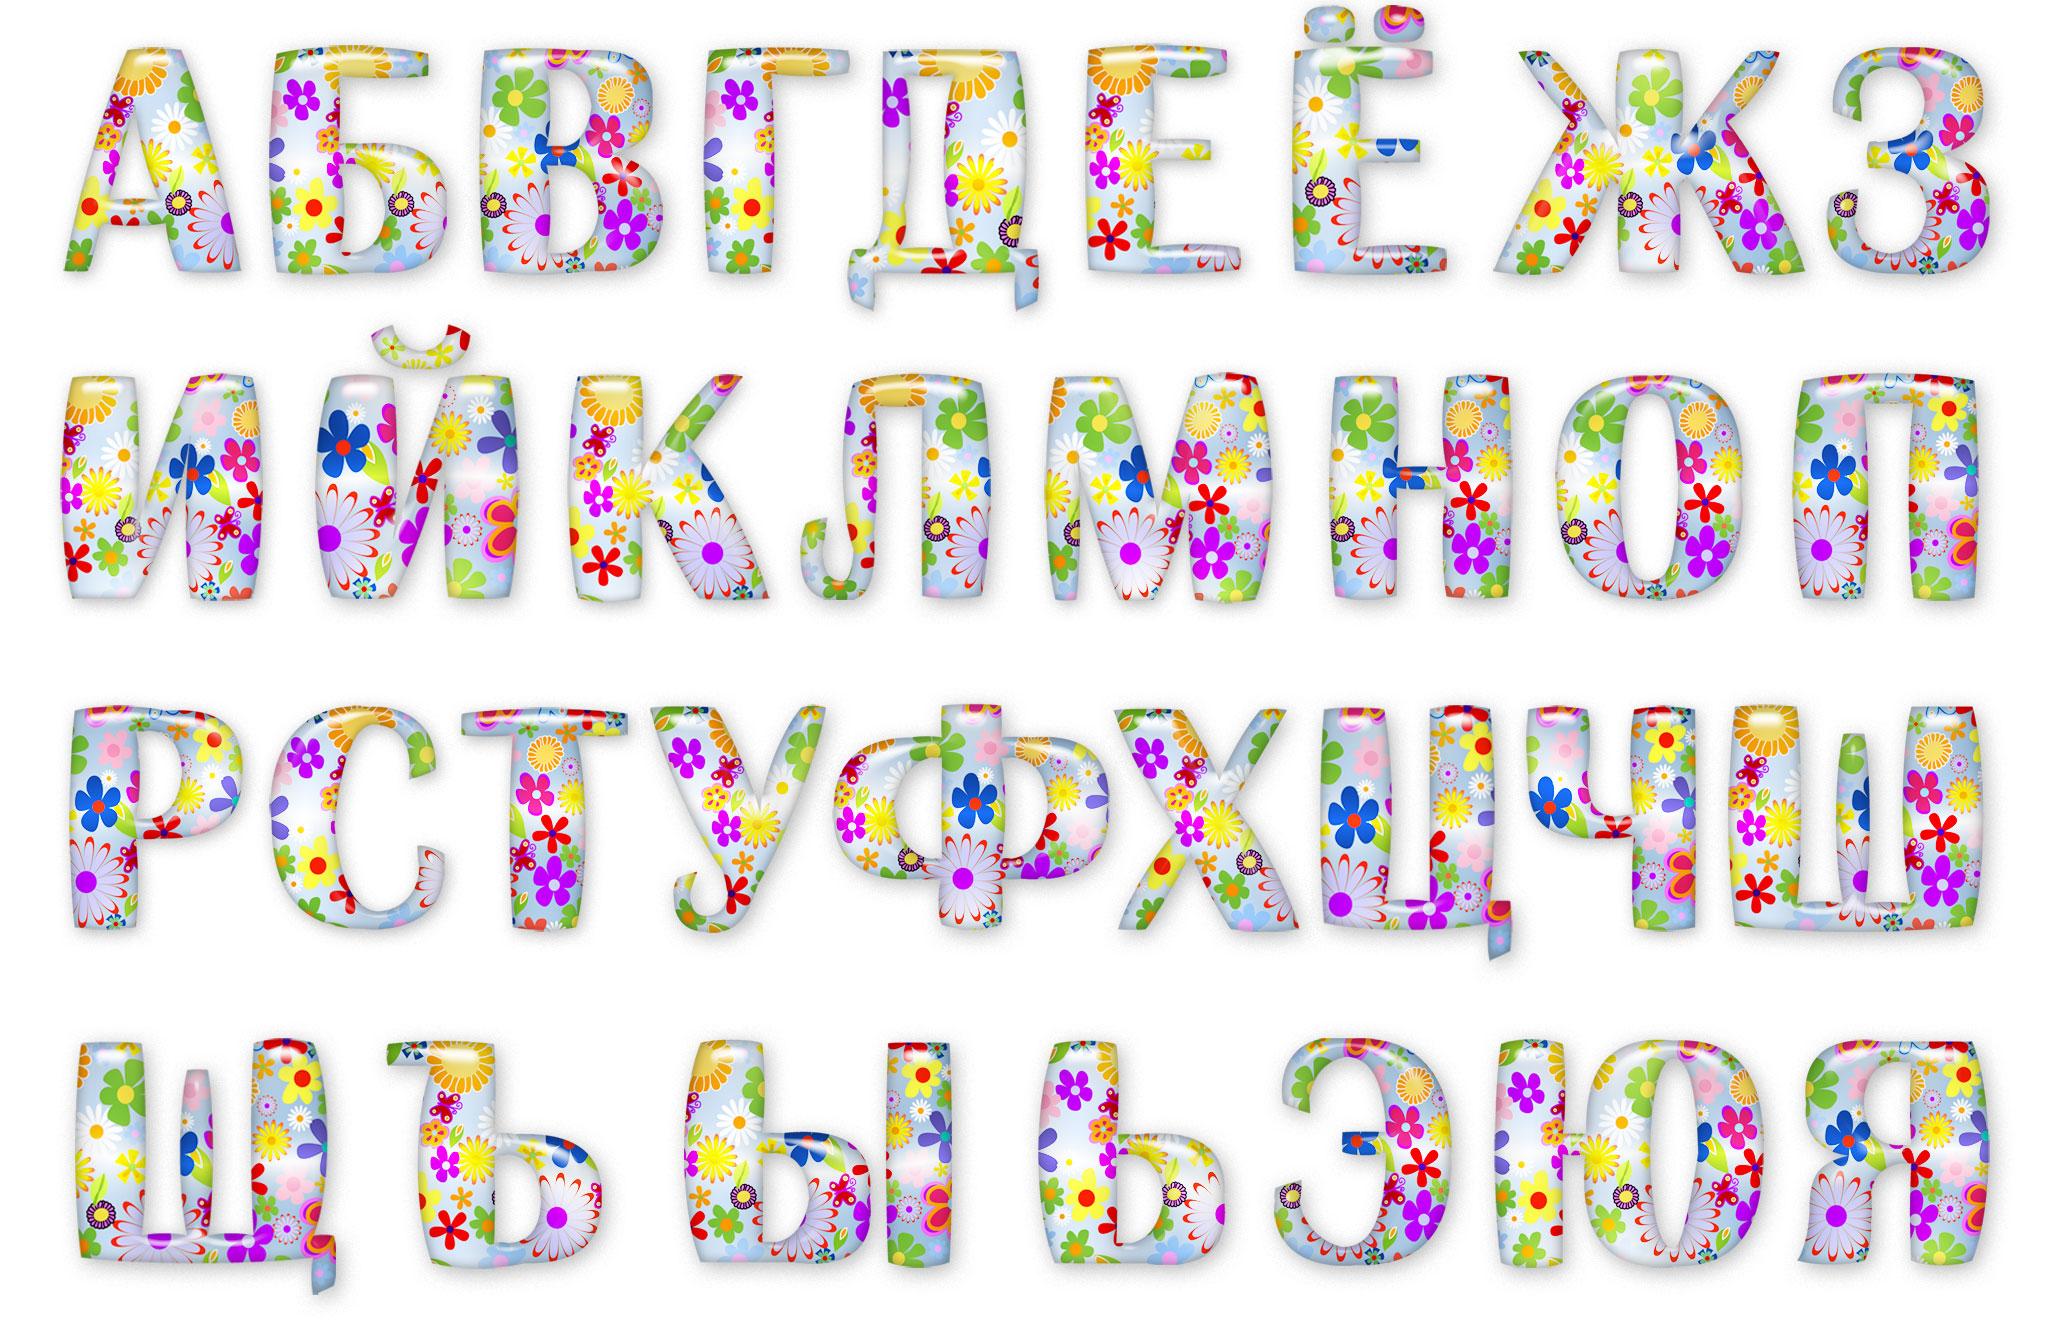 алфавит русский красивые буквы картинки выбор